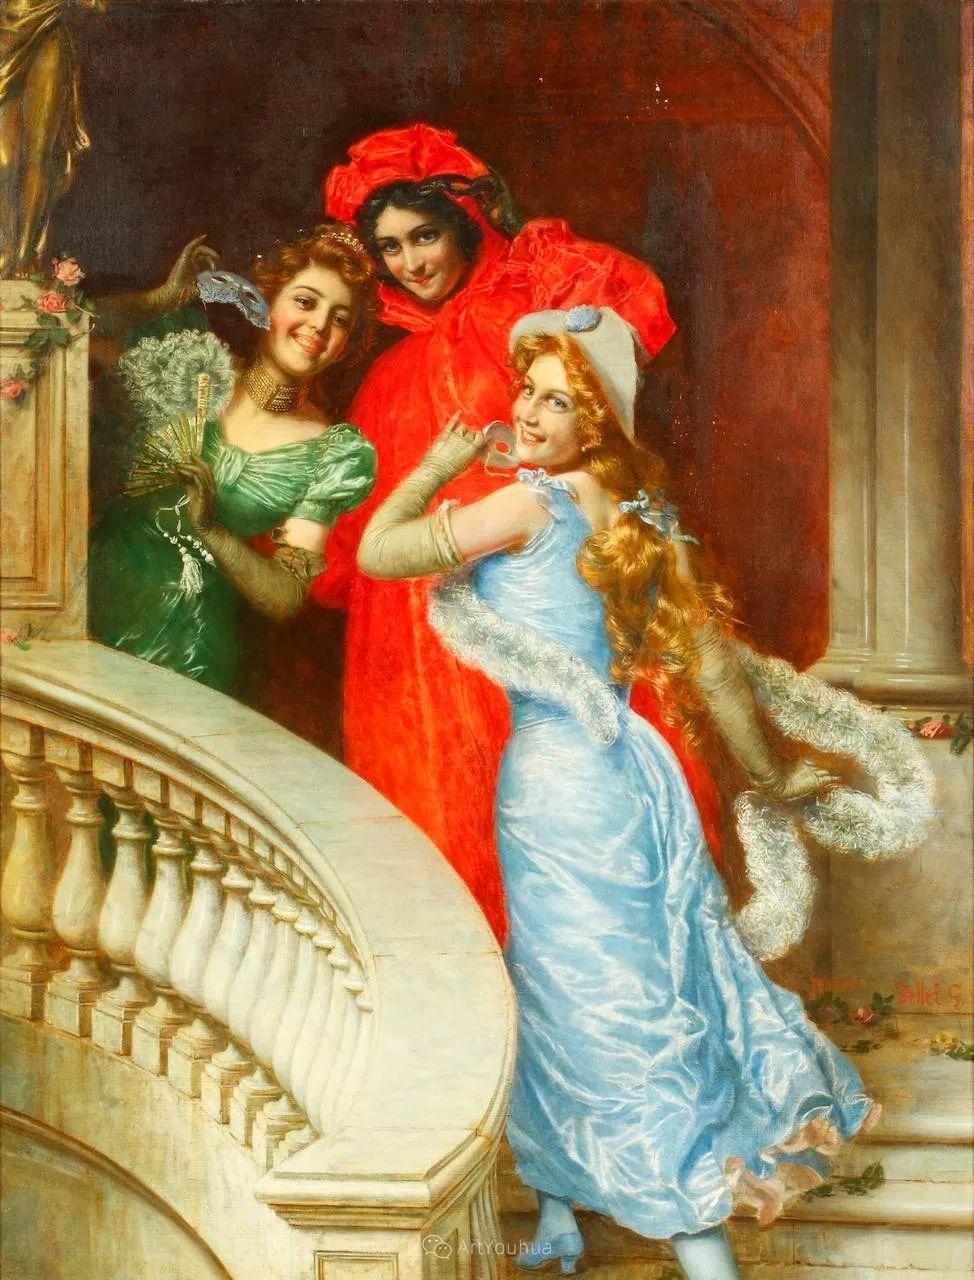 惟妙惟肖的肖像,意大利画家Gaetano Bellei插图5